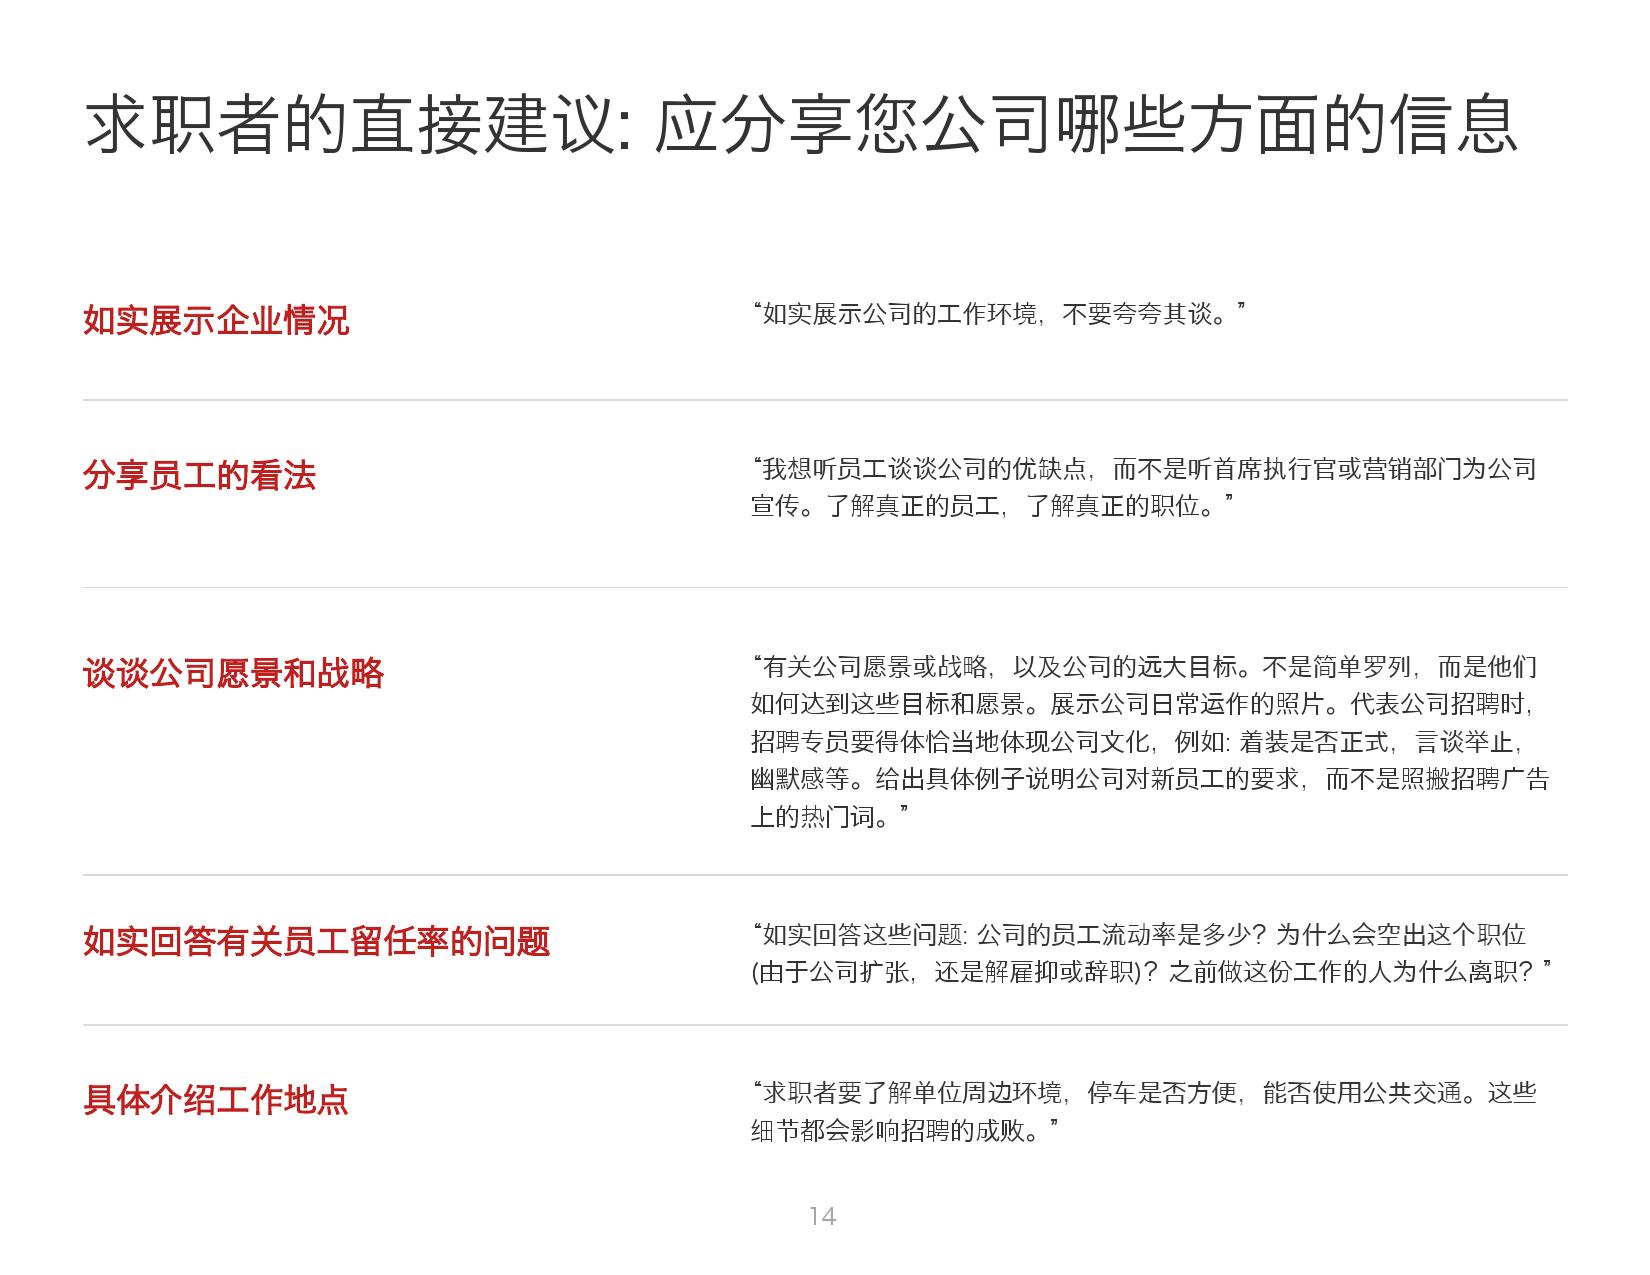 2016年中国人才趋势报告_000014